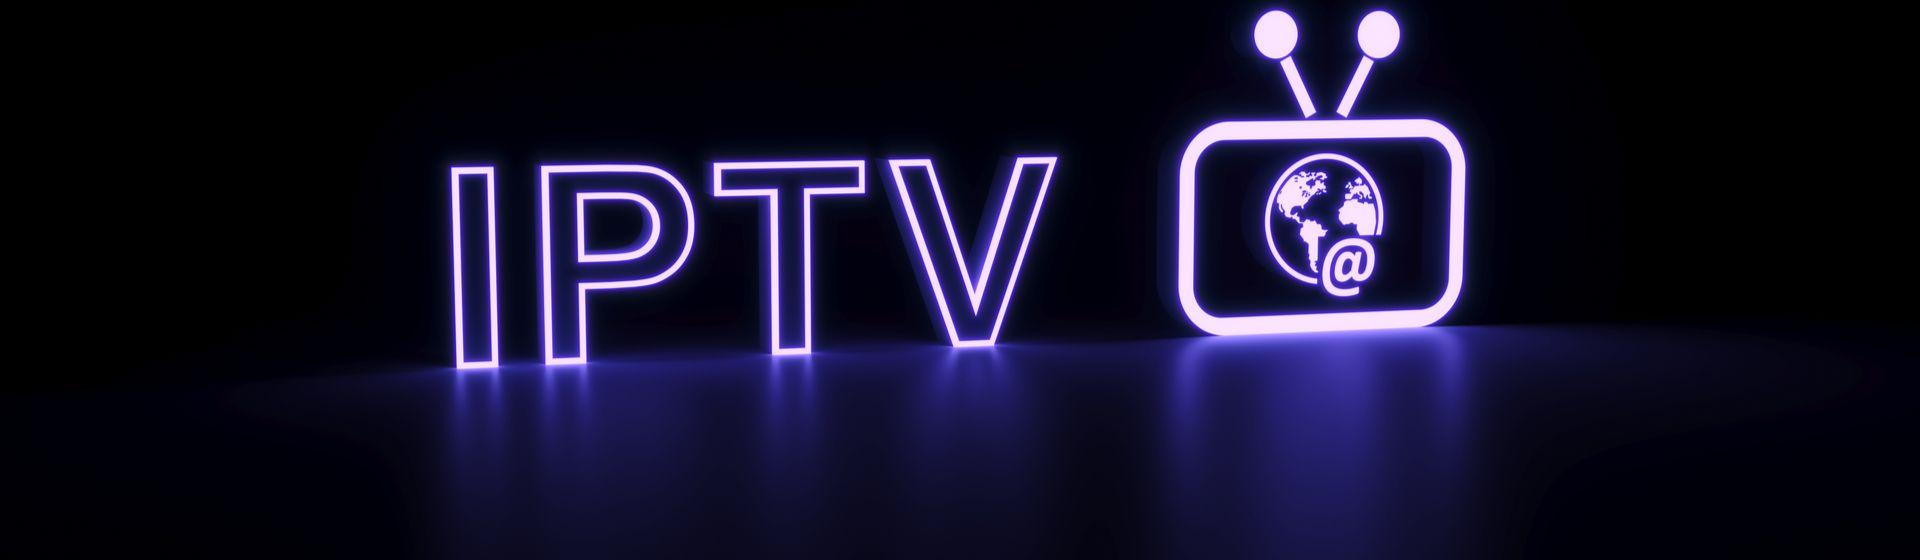 TV Express: o que é? Vale a pena? Saiba tudo sobre esse IPTV